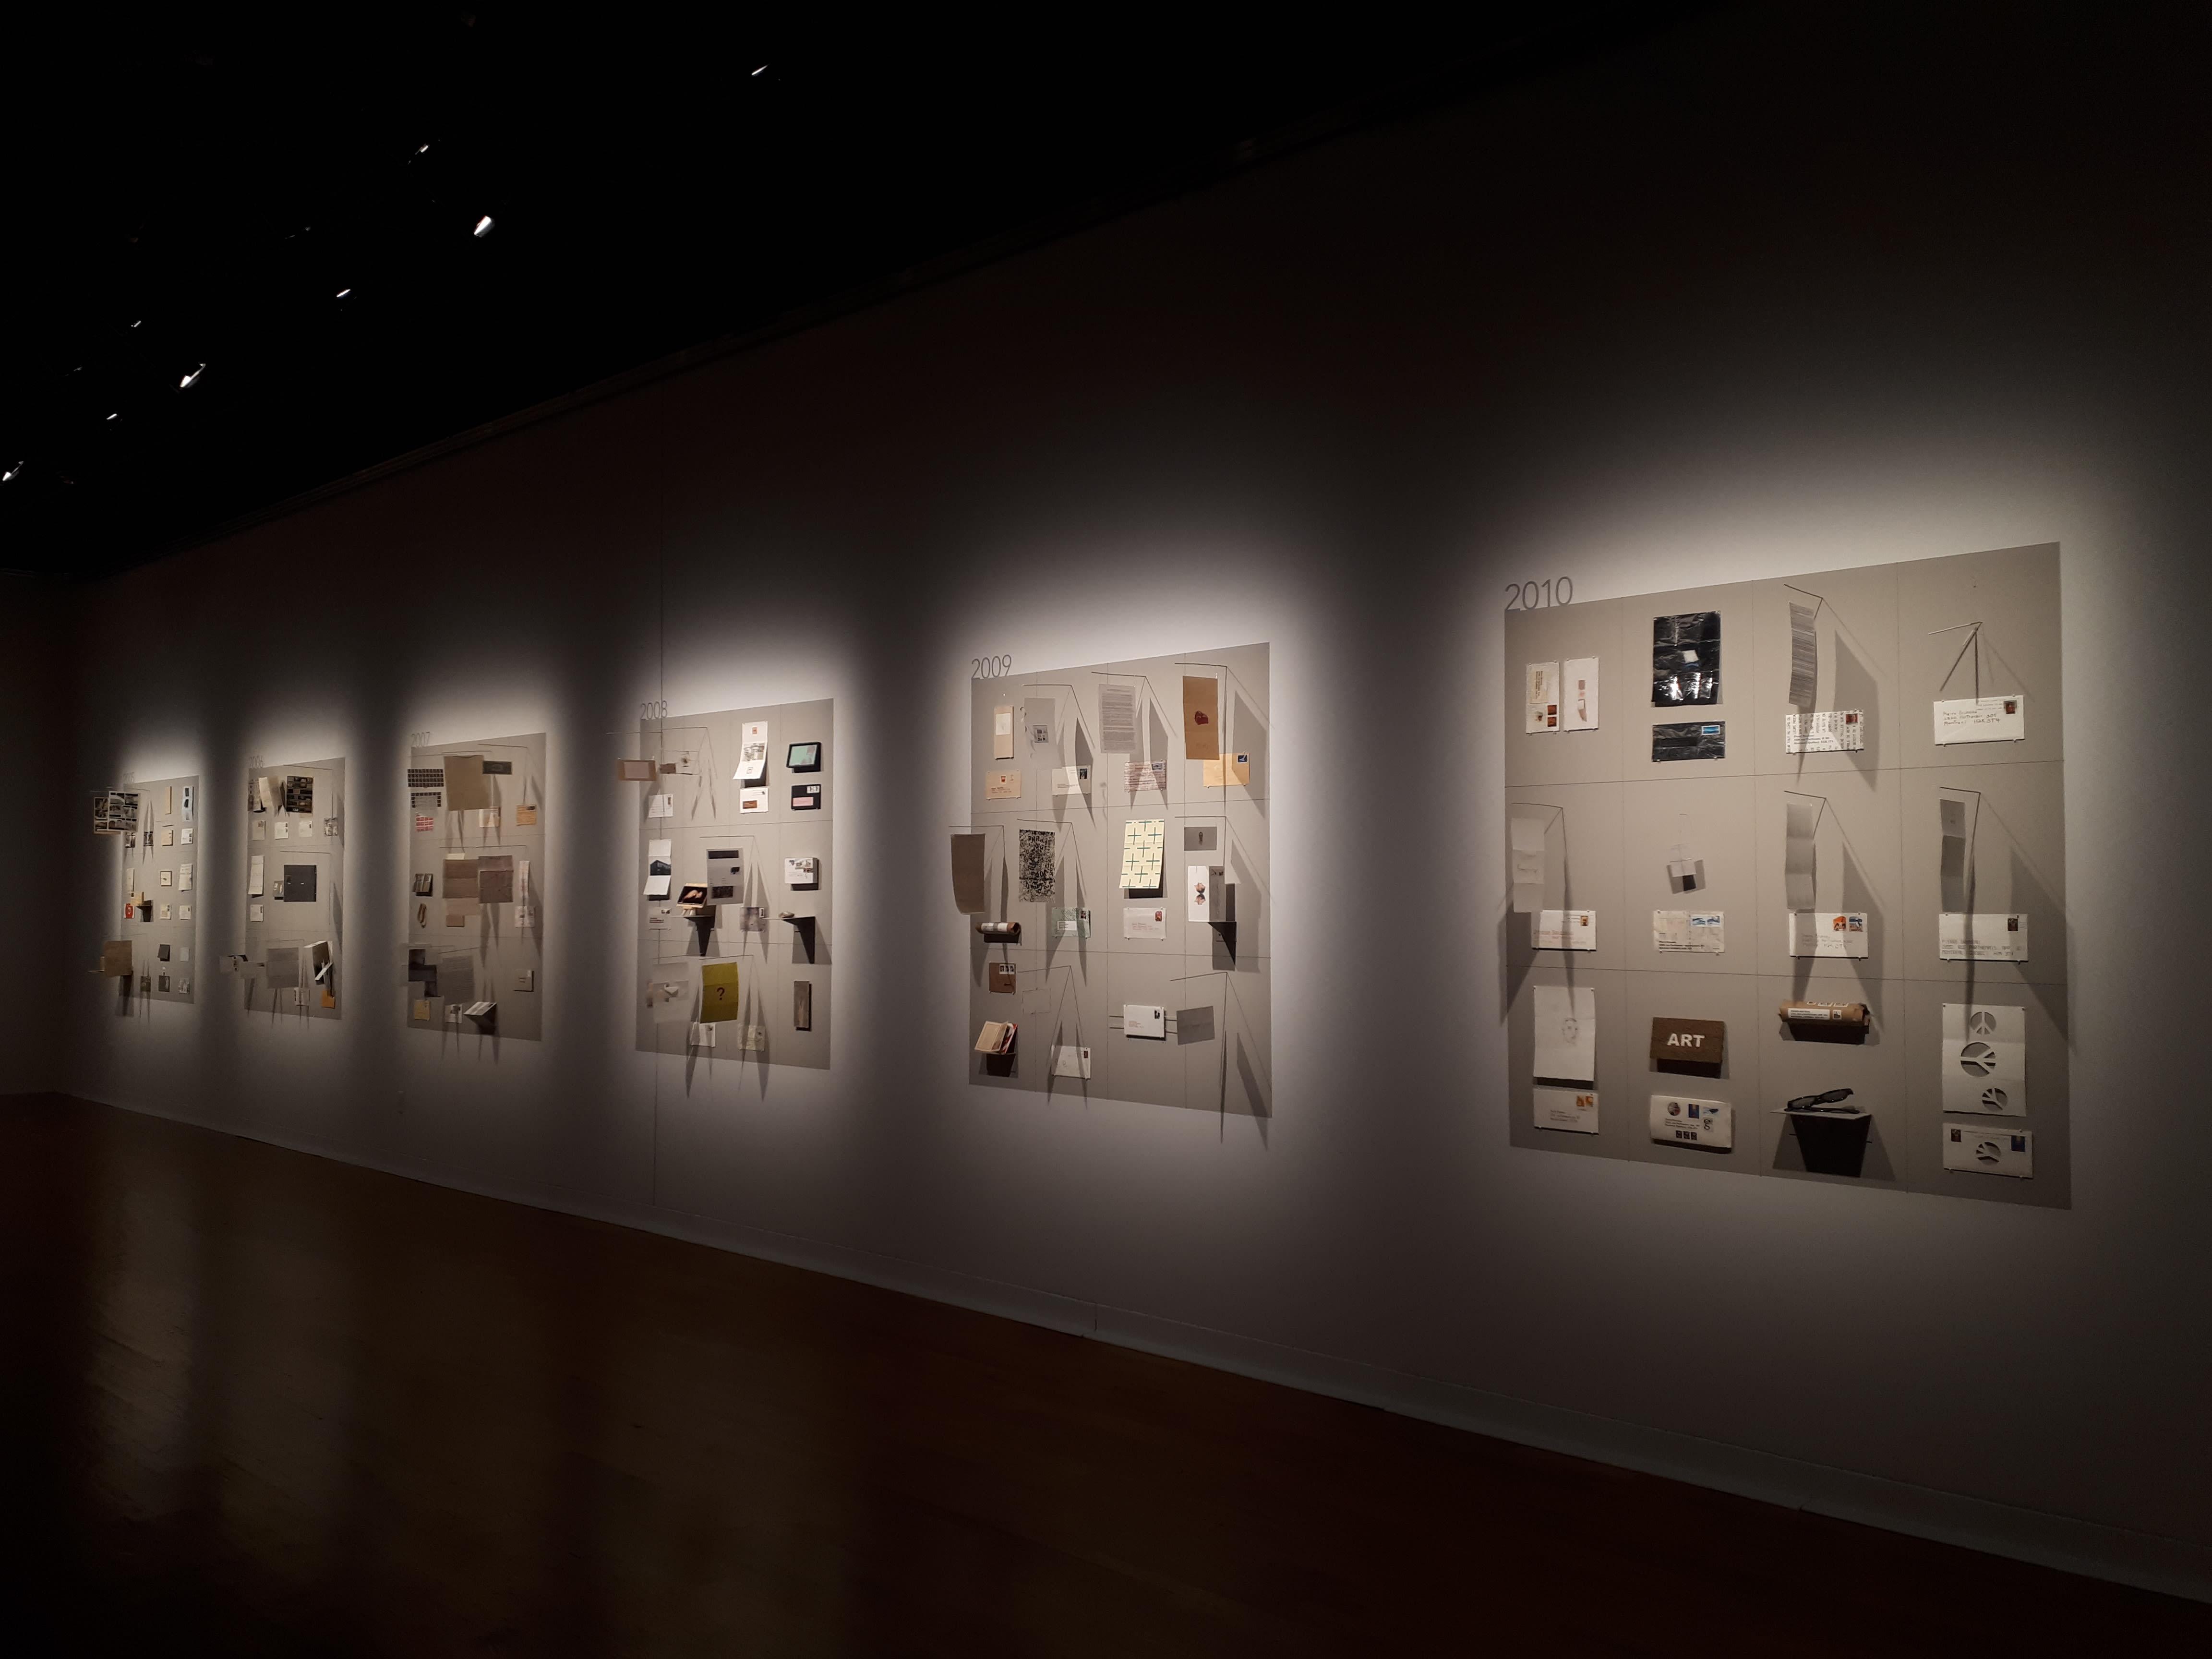 Les oeuvres d'art postal de Pierre Bruneau exposées sur des murs et éclairées par le haut.